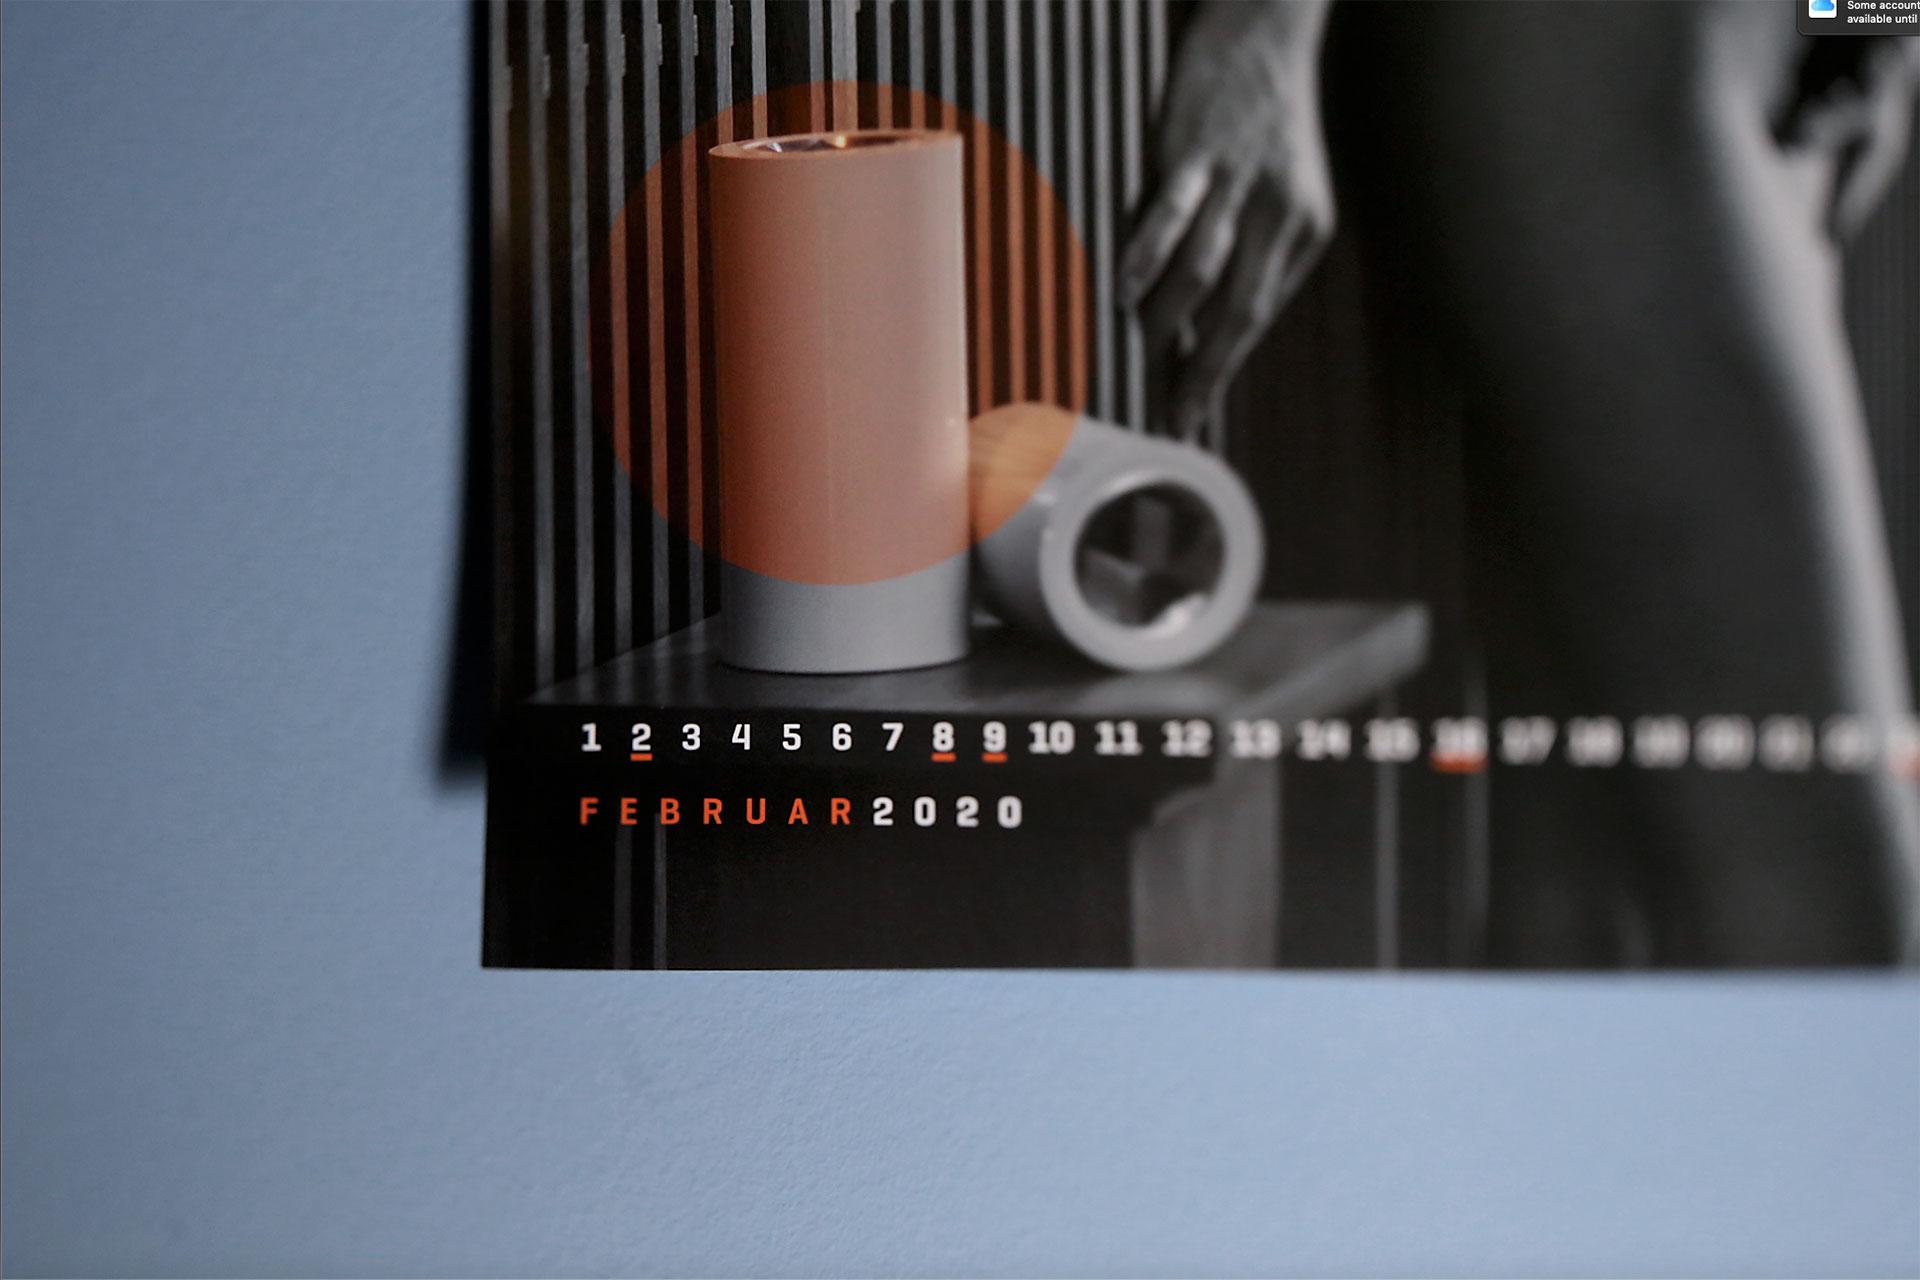 calendar_elastomeri_marko-marinsek_studio-ma-ma_3